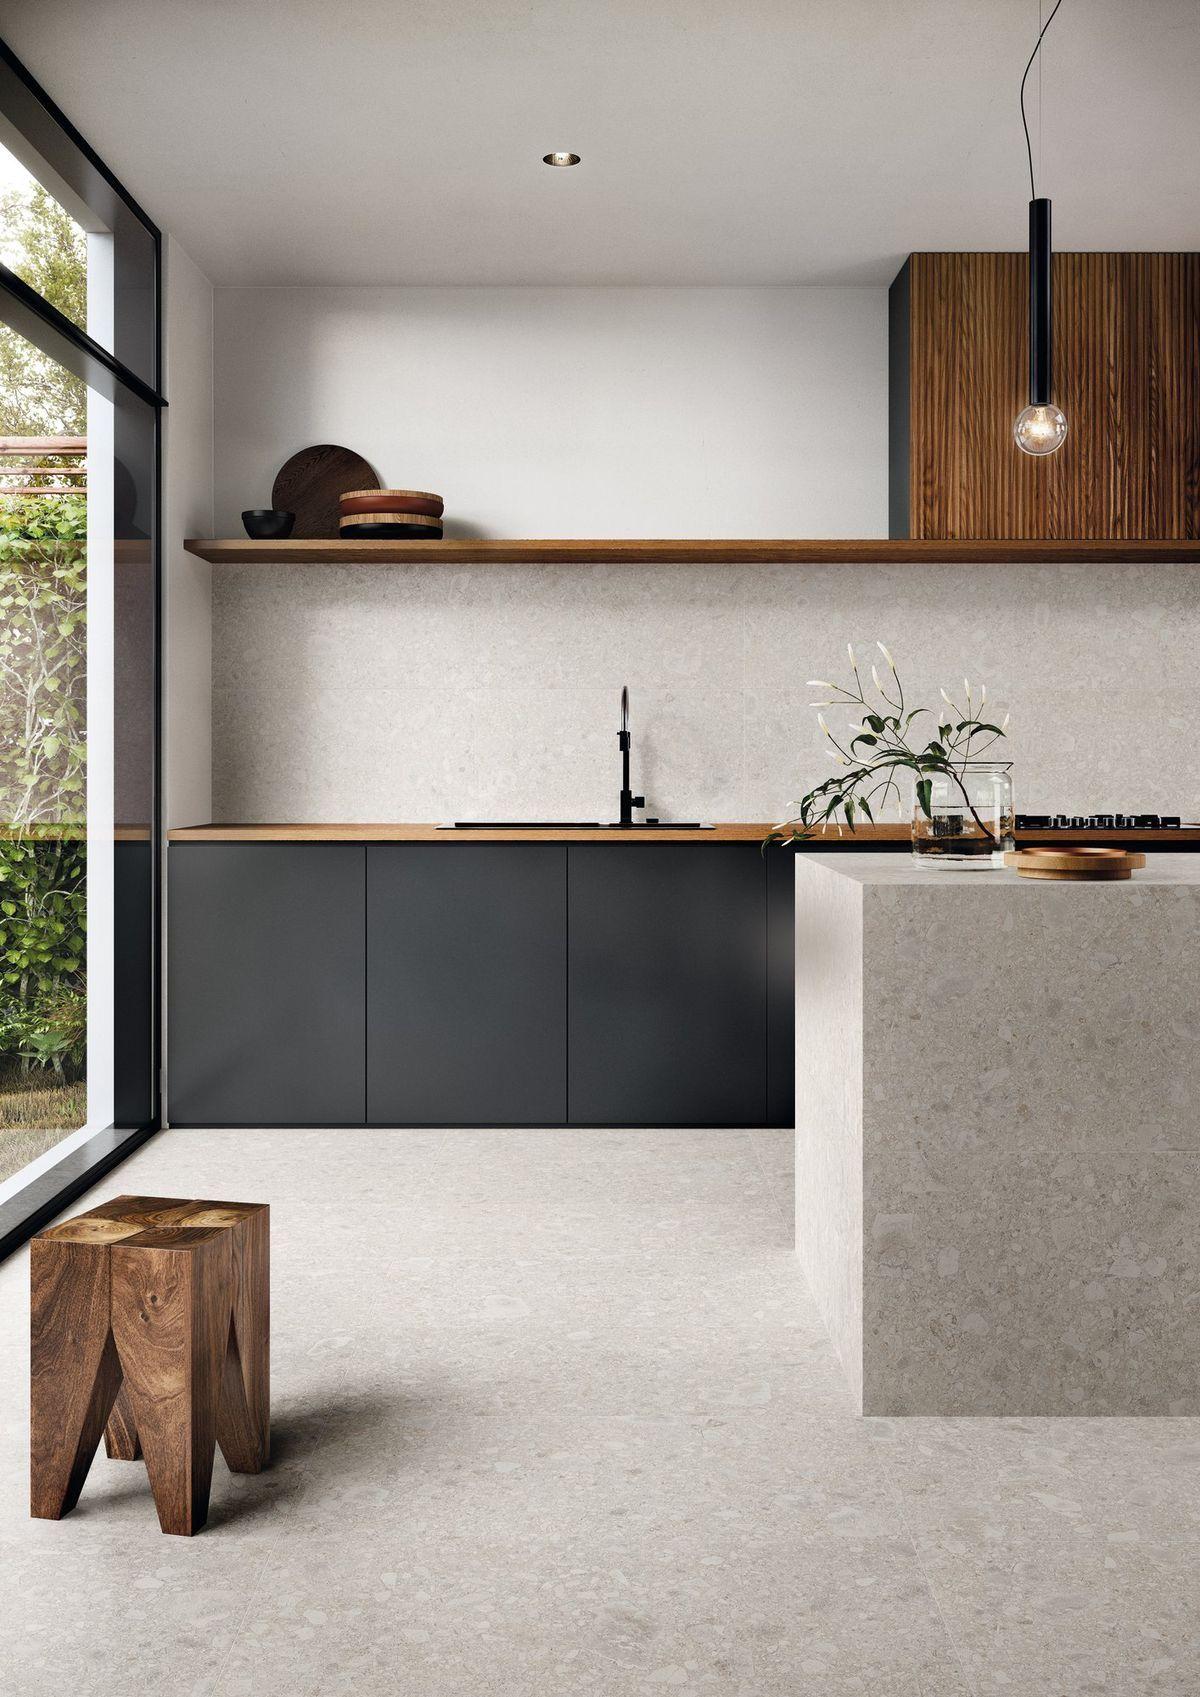 Pin By Helene Van Meir On Interieur In 2019 Minimal Kitchen Design Minimal Kitchen Kitchen Interior